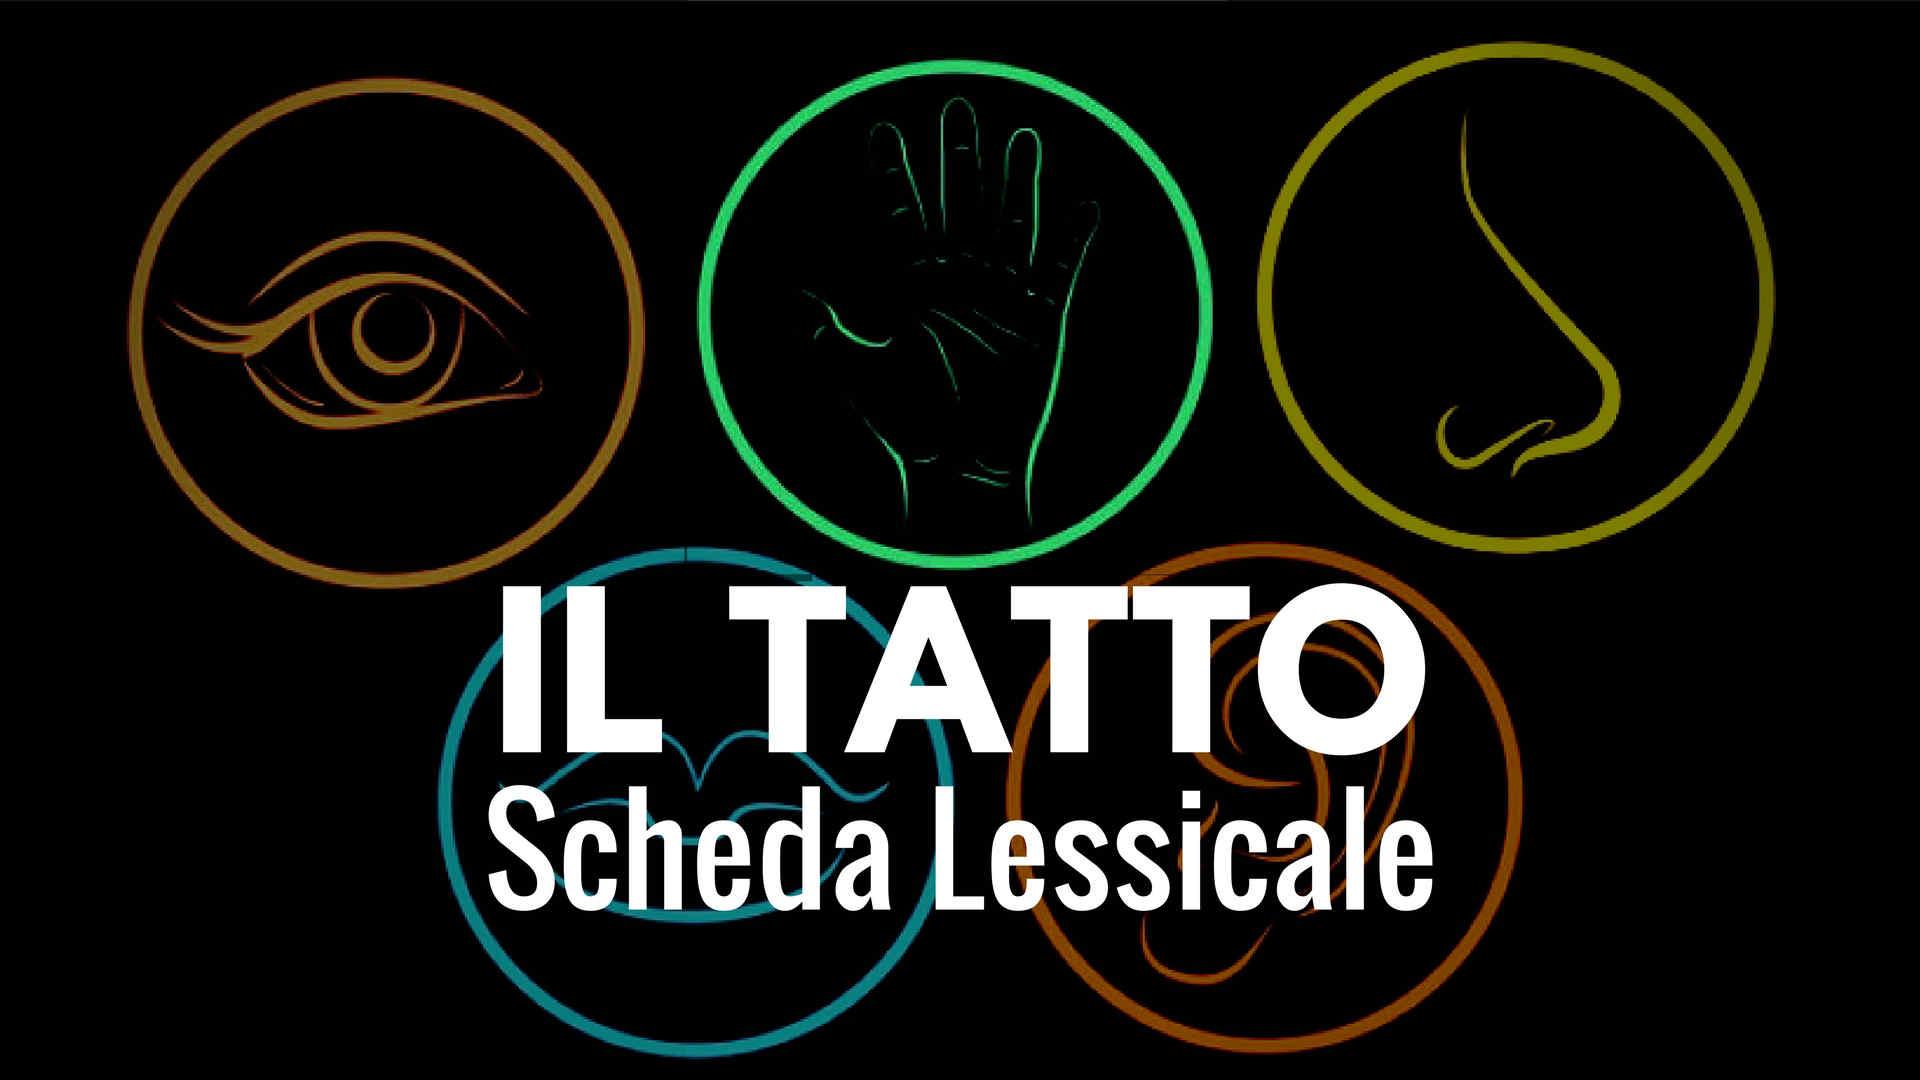 Il Tatto - scheda lessicale